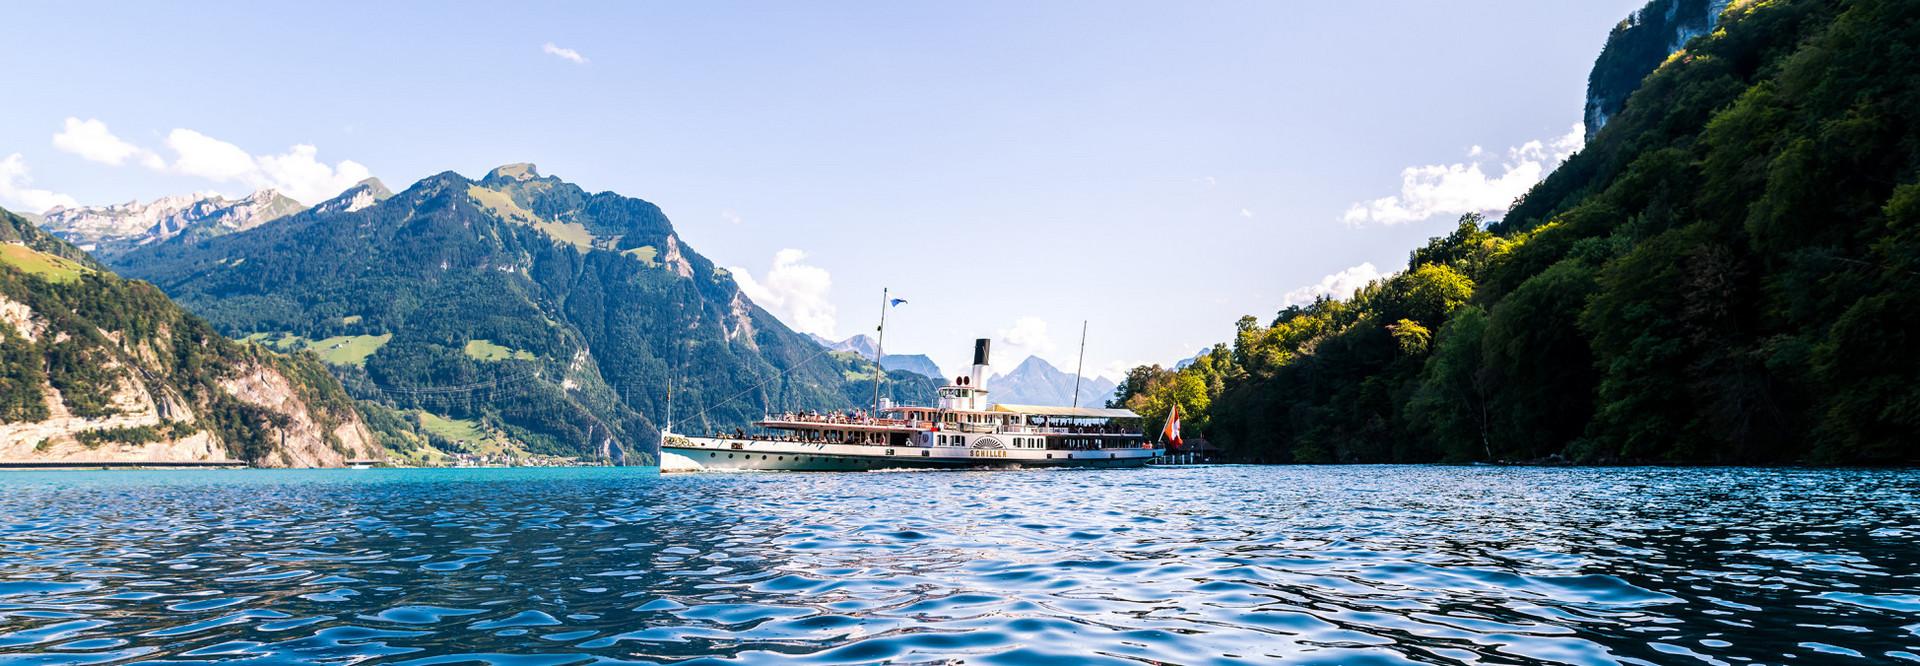 Zahlreiche Gäste geniessen einen Sommertag auf dem Dampfschiff Schiller